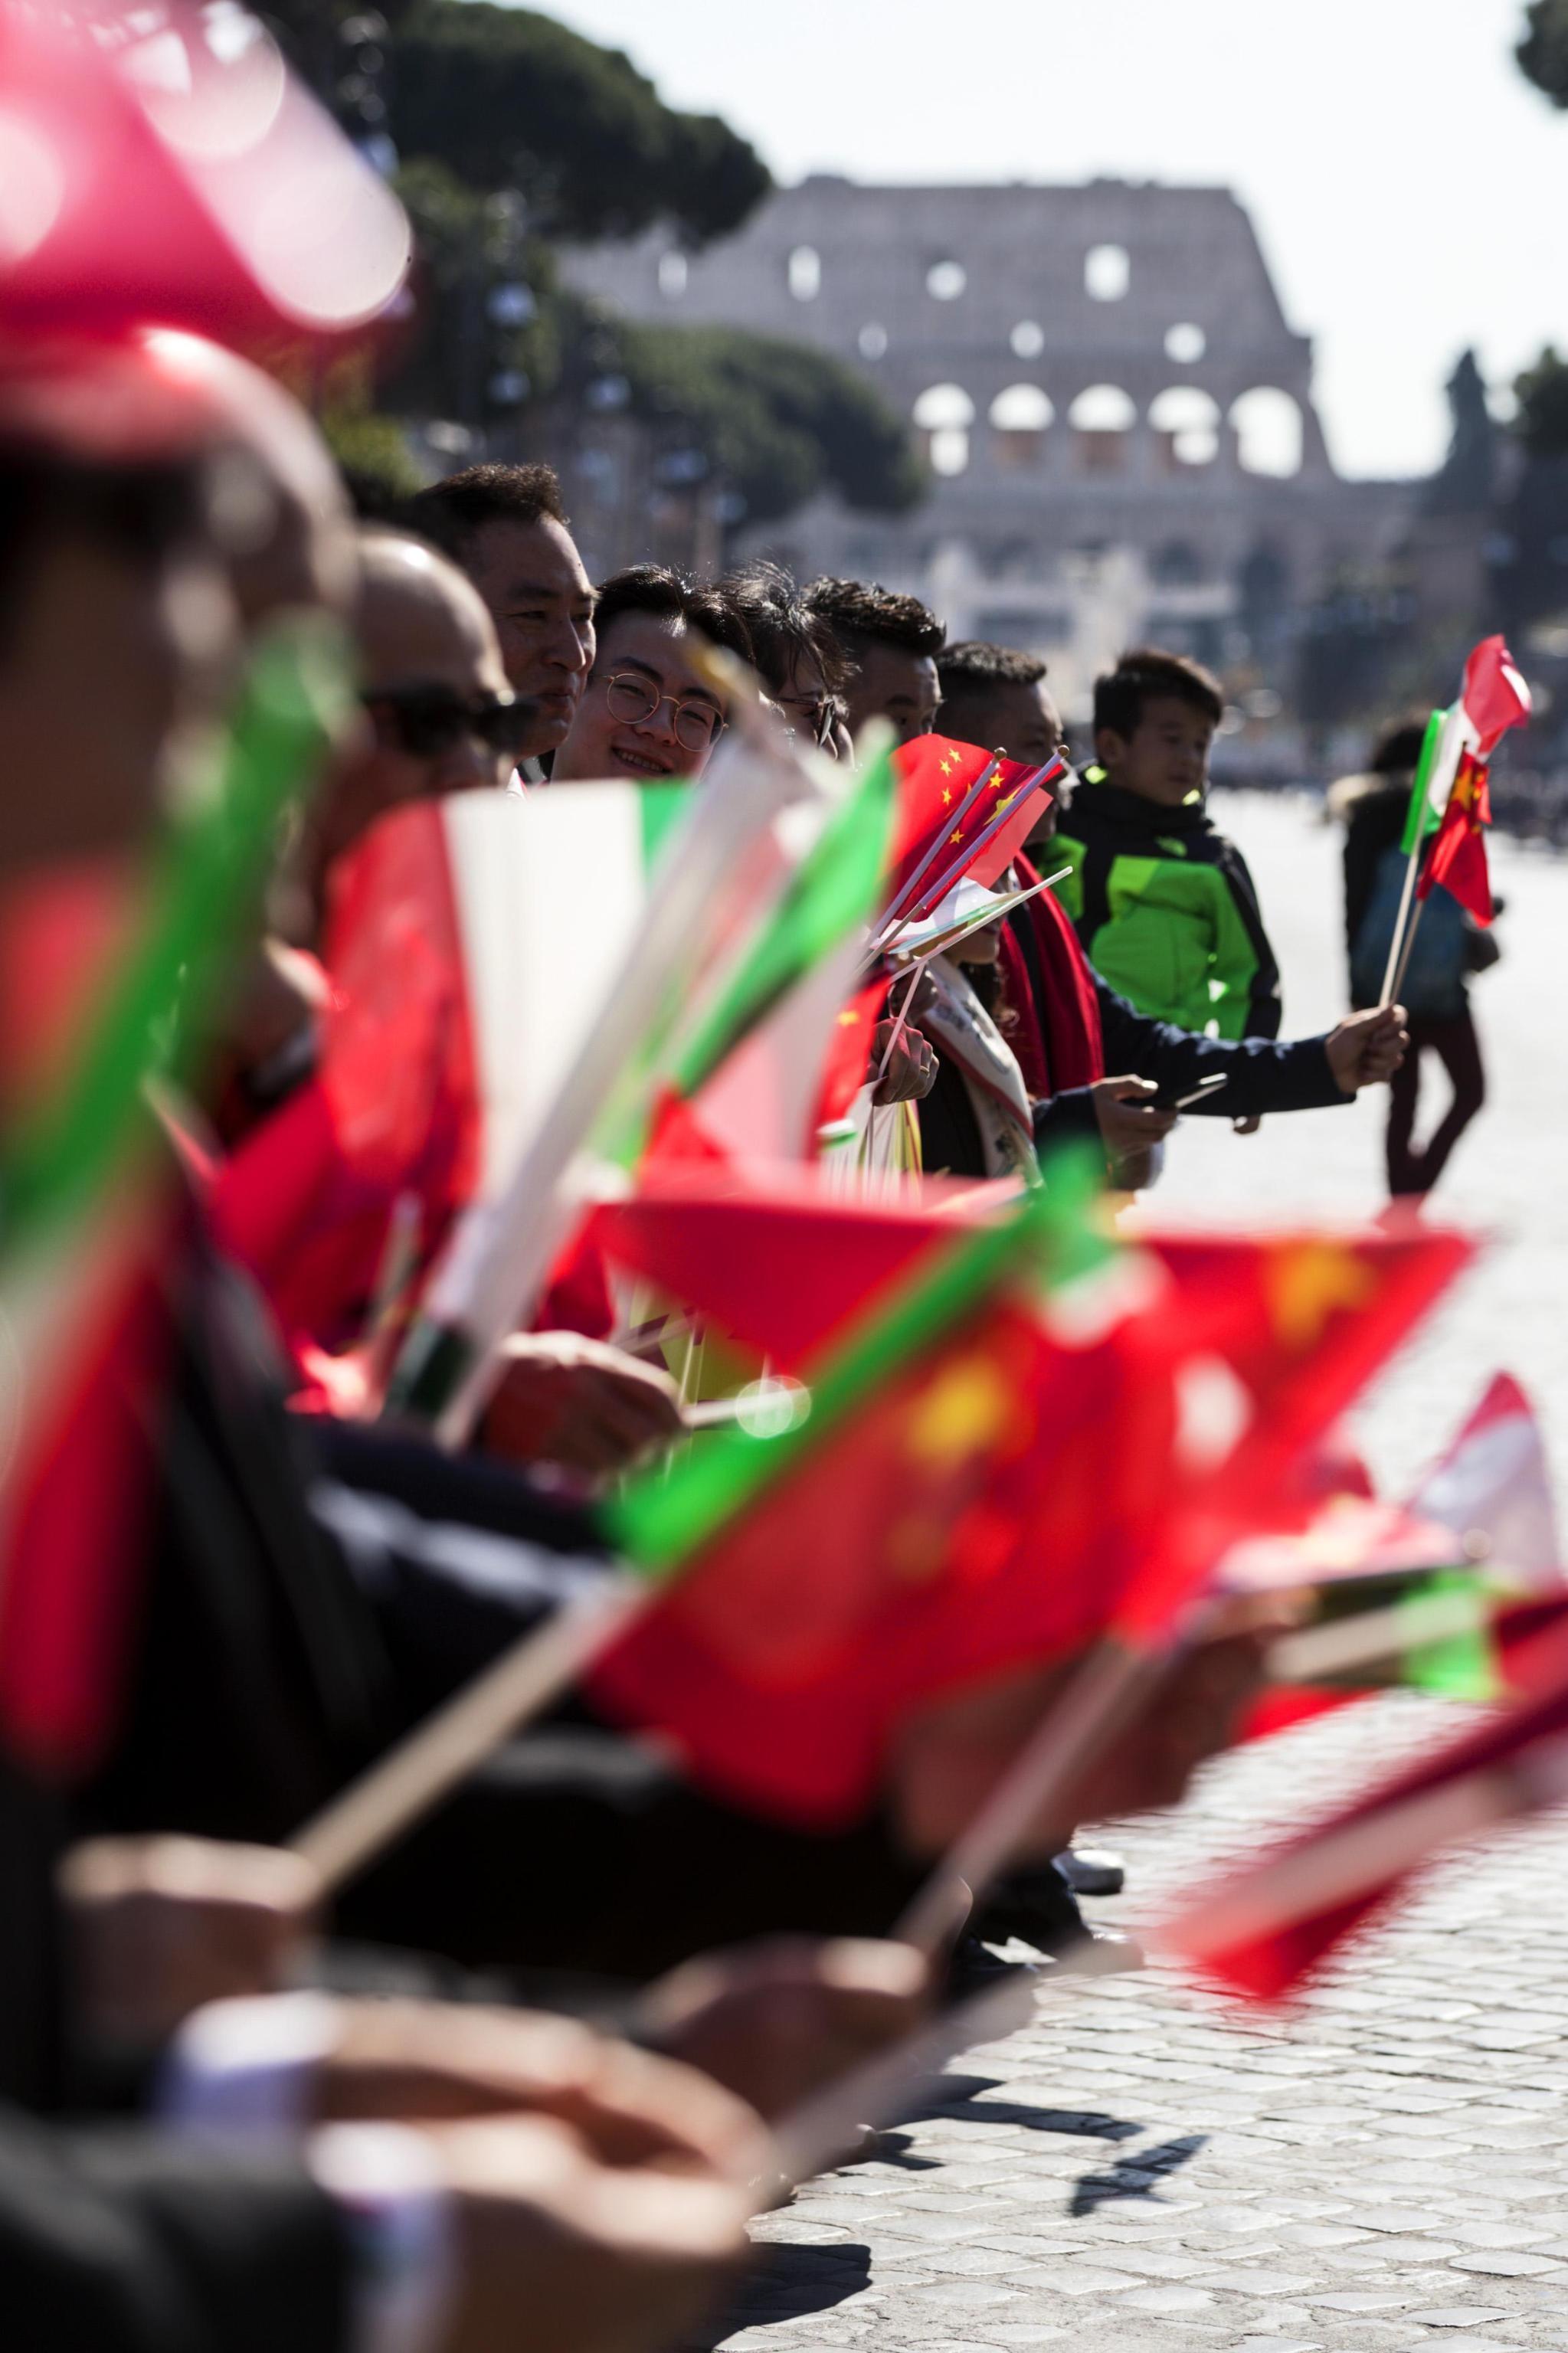 Rappresentanti cinesi attendono l'arrivo del Presidente della Repubblica Popolare Cinese Xi Jinping in via dei Fori. La visita di Stato è l'occasione per la sottoscrizione del Memorandum Italia-Cina, patto commerciale tra i due Paesi